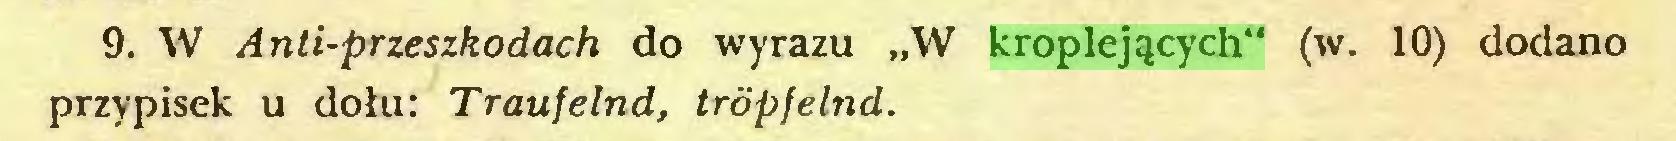 """(...) 9. W Anti-przeszkodach do wyrazu """"W kroplejących"""" (w. 10) dodano przypisek u dołu: Traufelnd, trópfelnd..."""